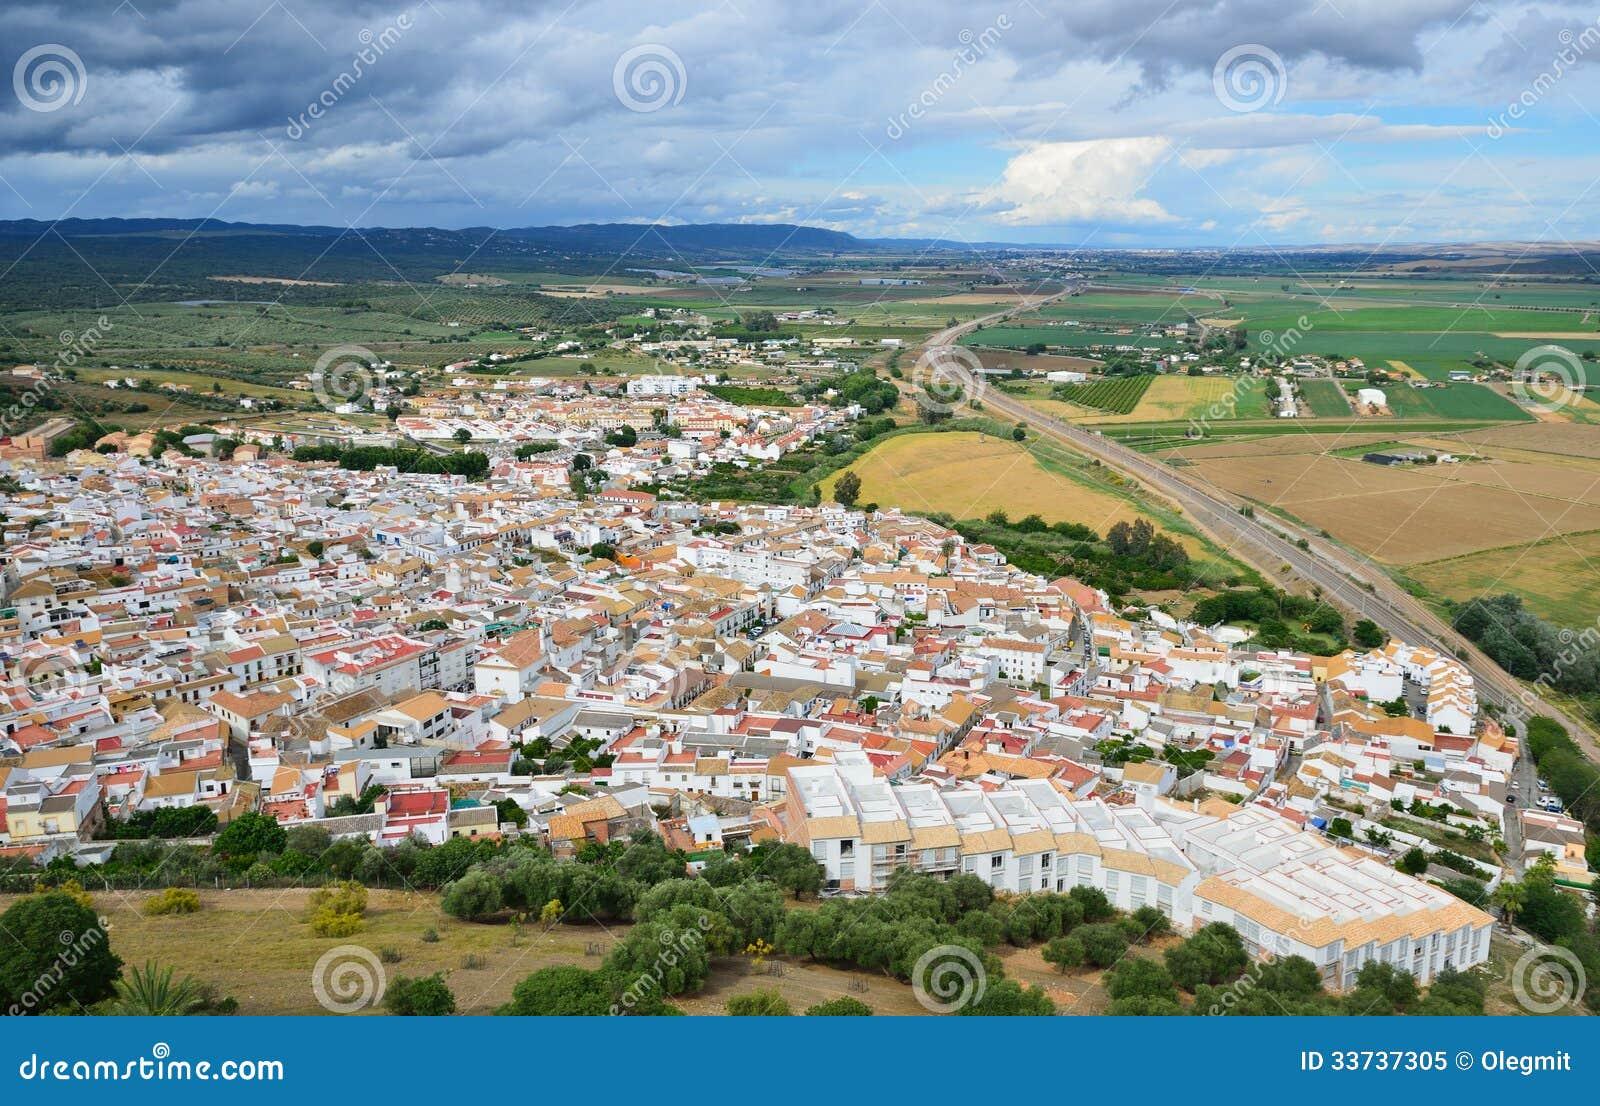 Плодородная долина испанского реки Гвадалквивира